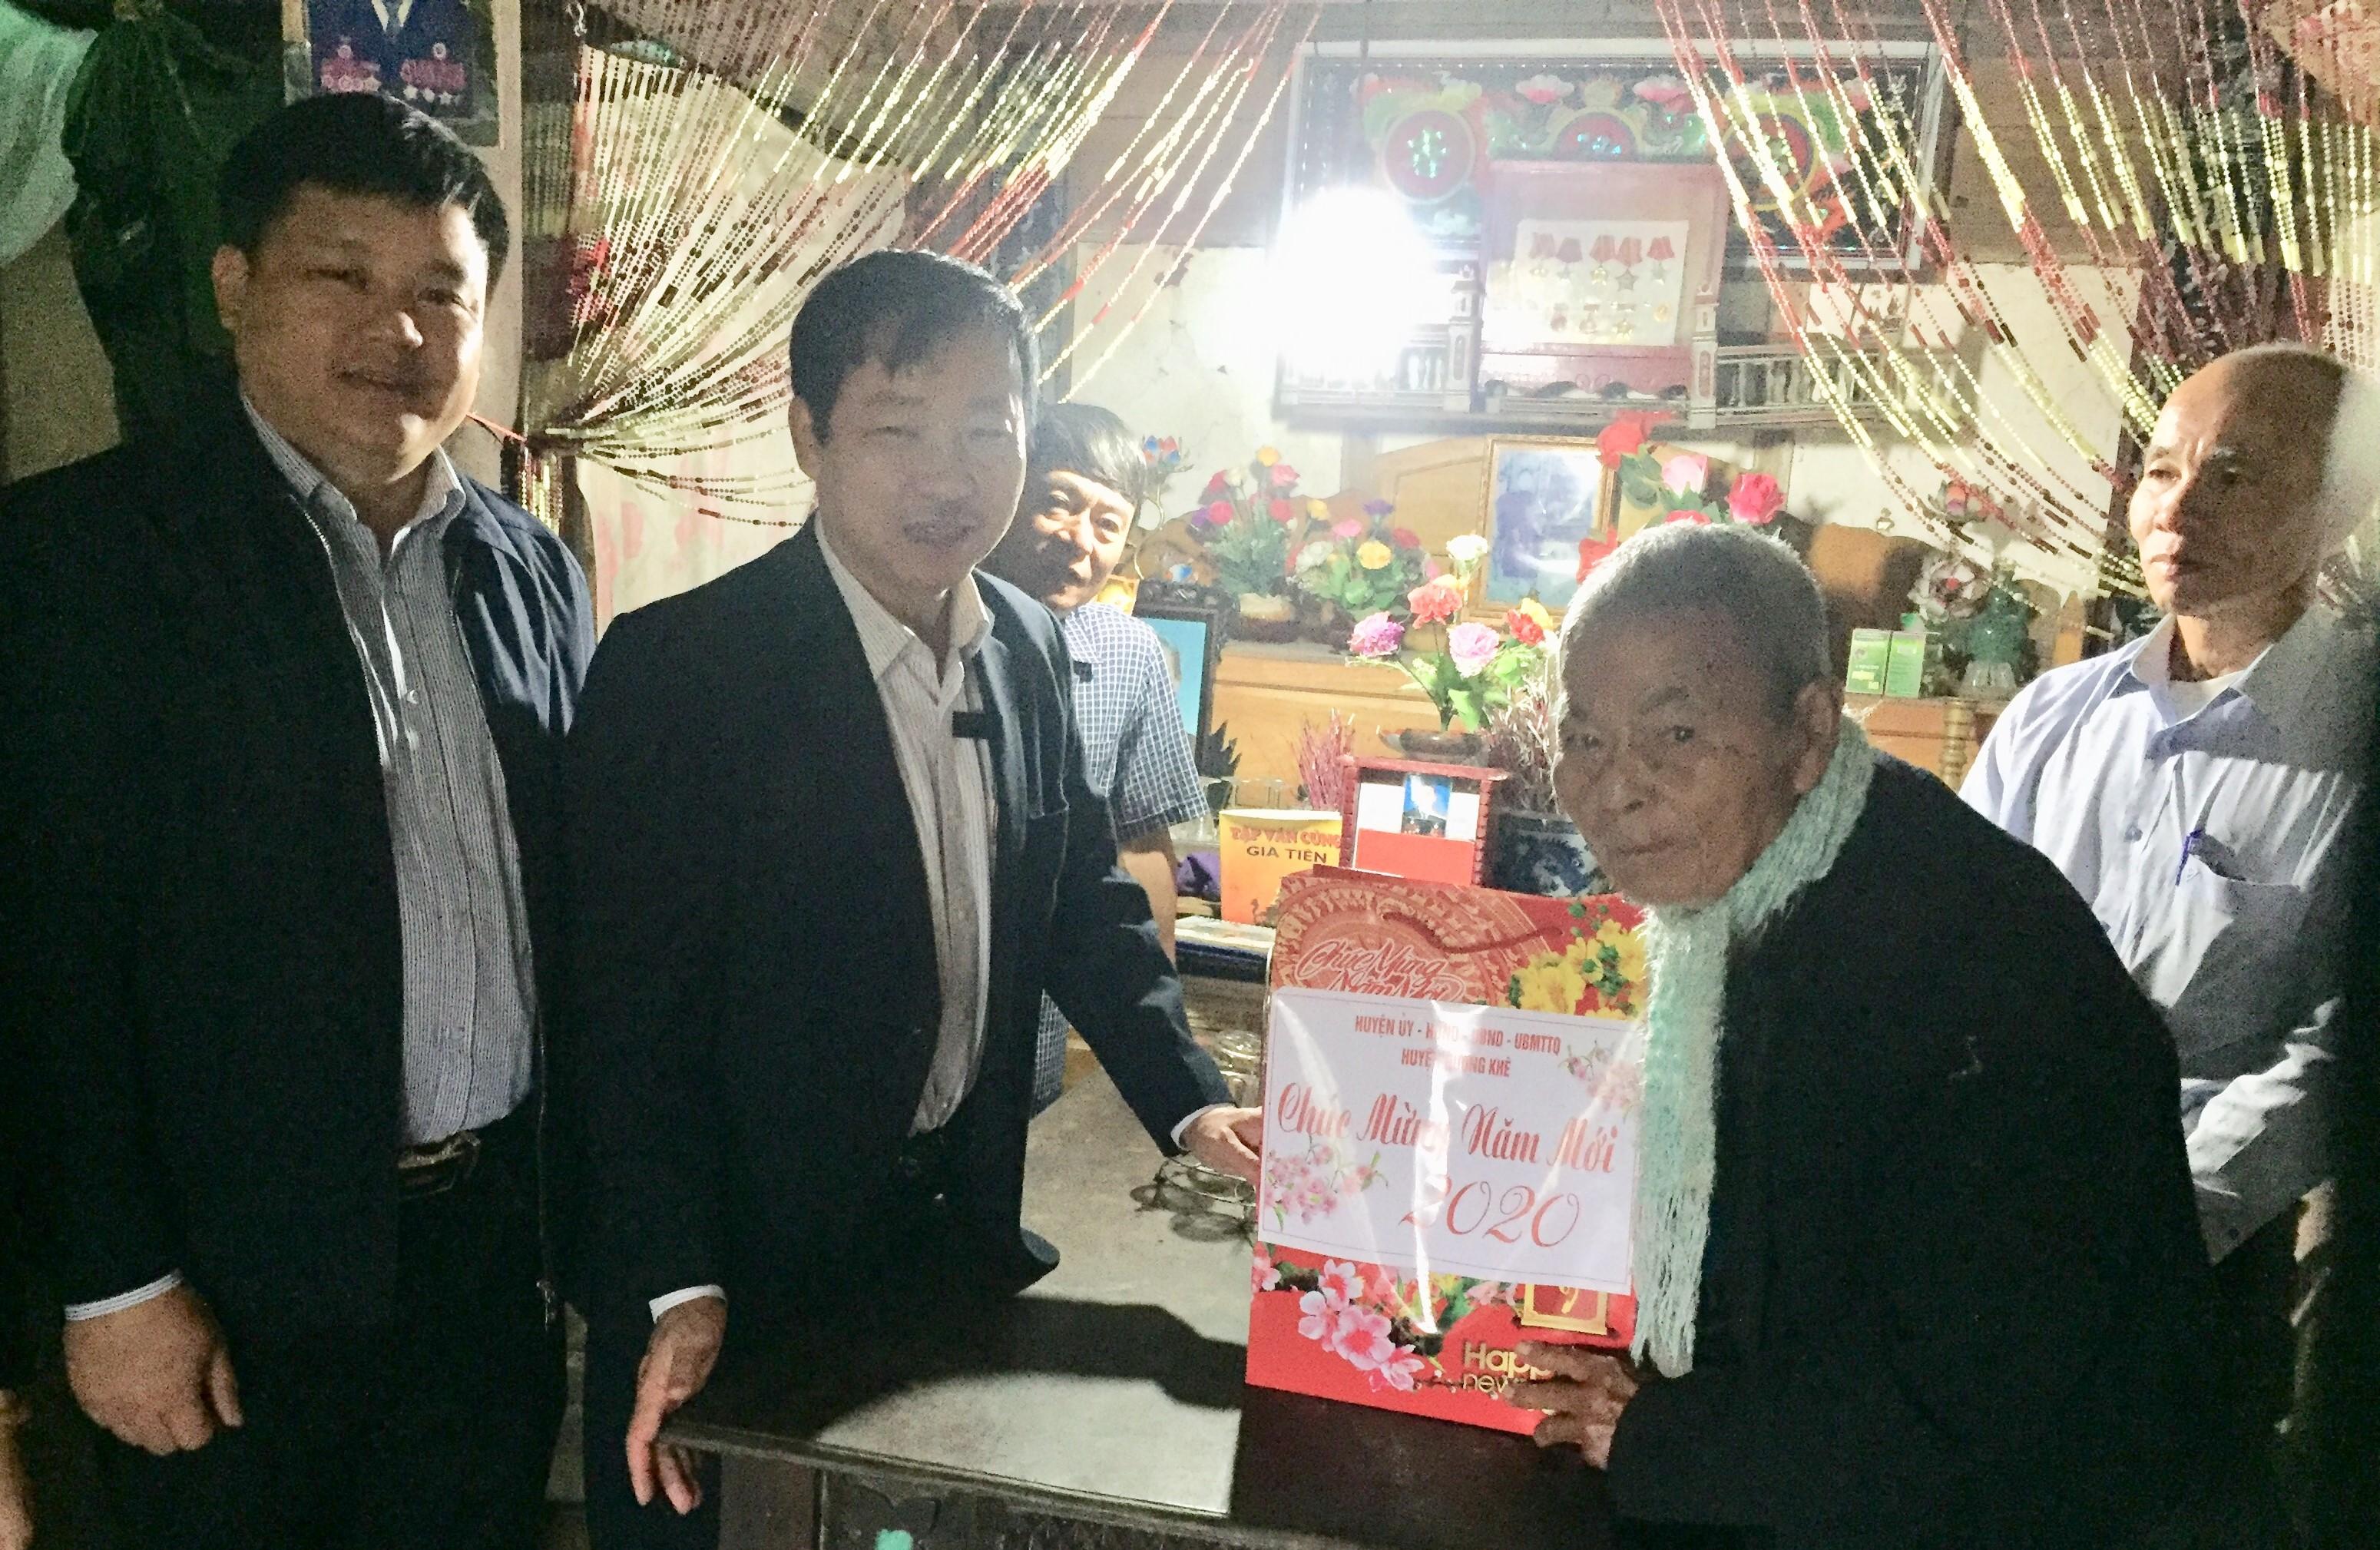 Đồng chí Ngô Xuân Ninh, Phó bí thư TT Huyện ủy quà cho Đảng viên lão thành và đối tượng chính sách xã Hương Trà và Hương Xuân.